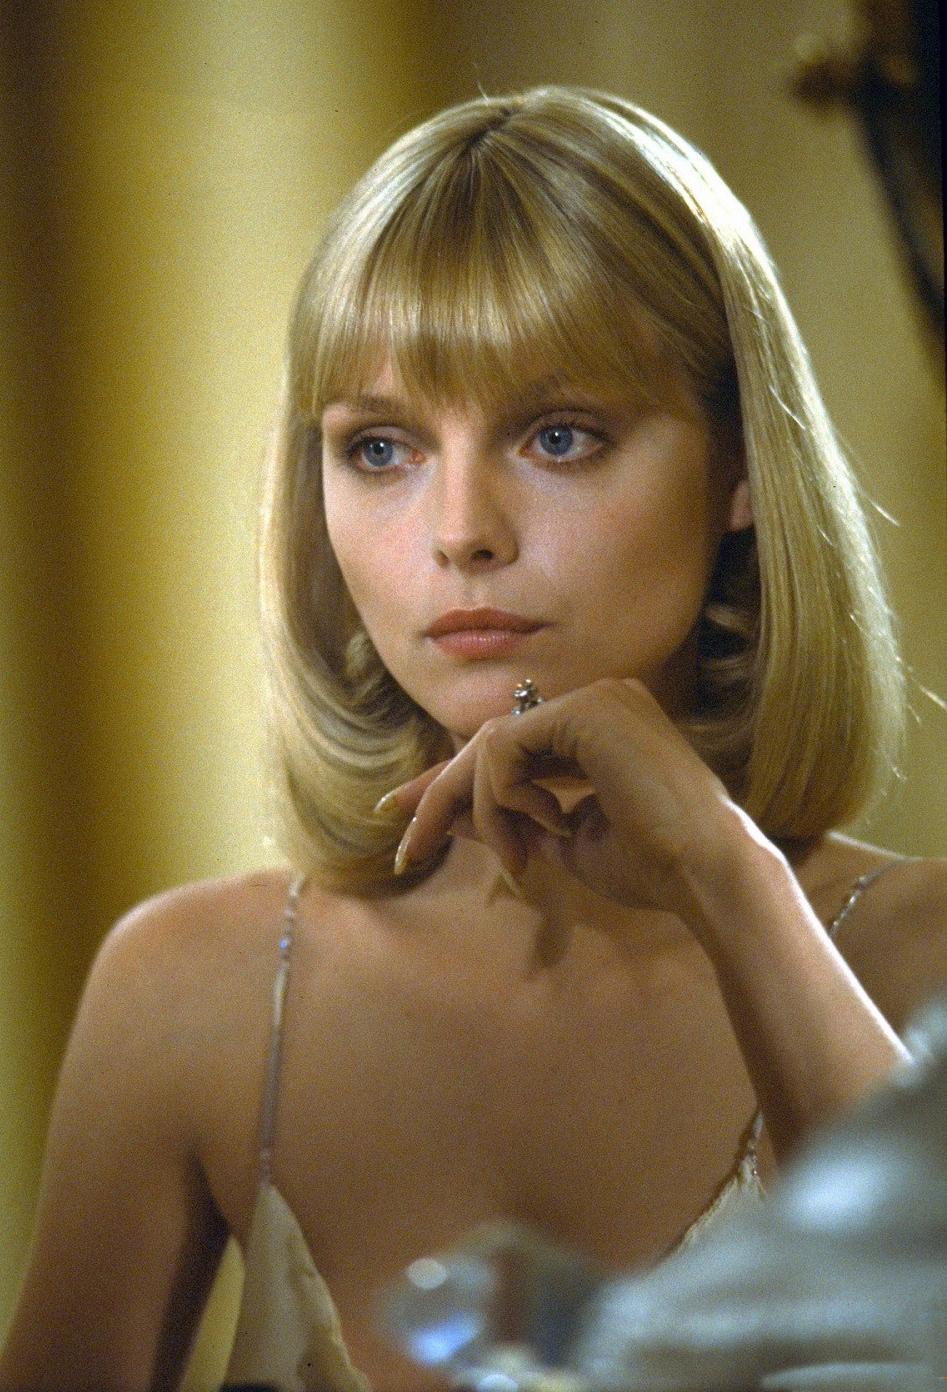 Michelle pfeiffer as elvira hancock - scarface movie stills 1982